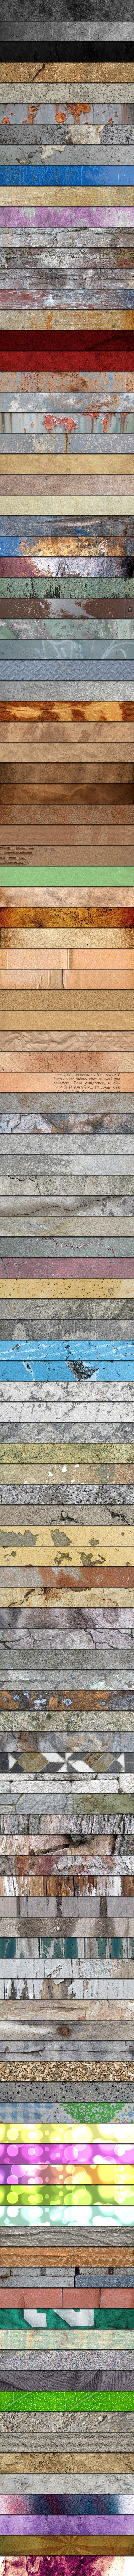 Vandelay Textures